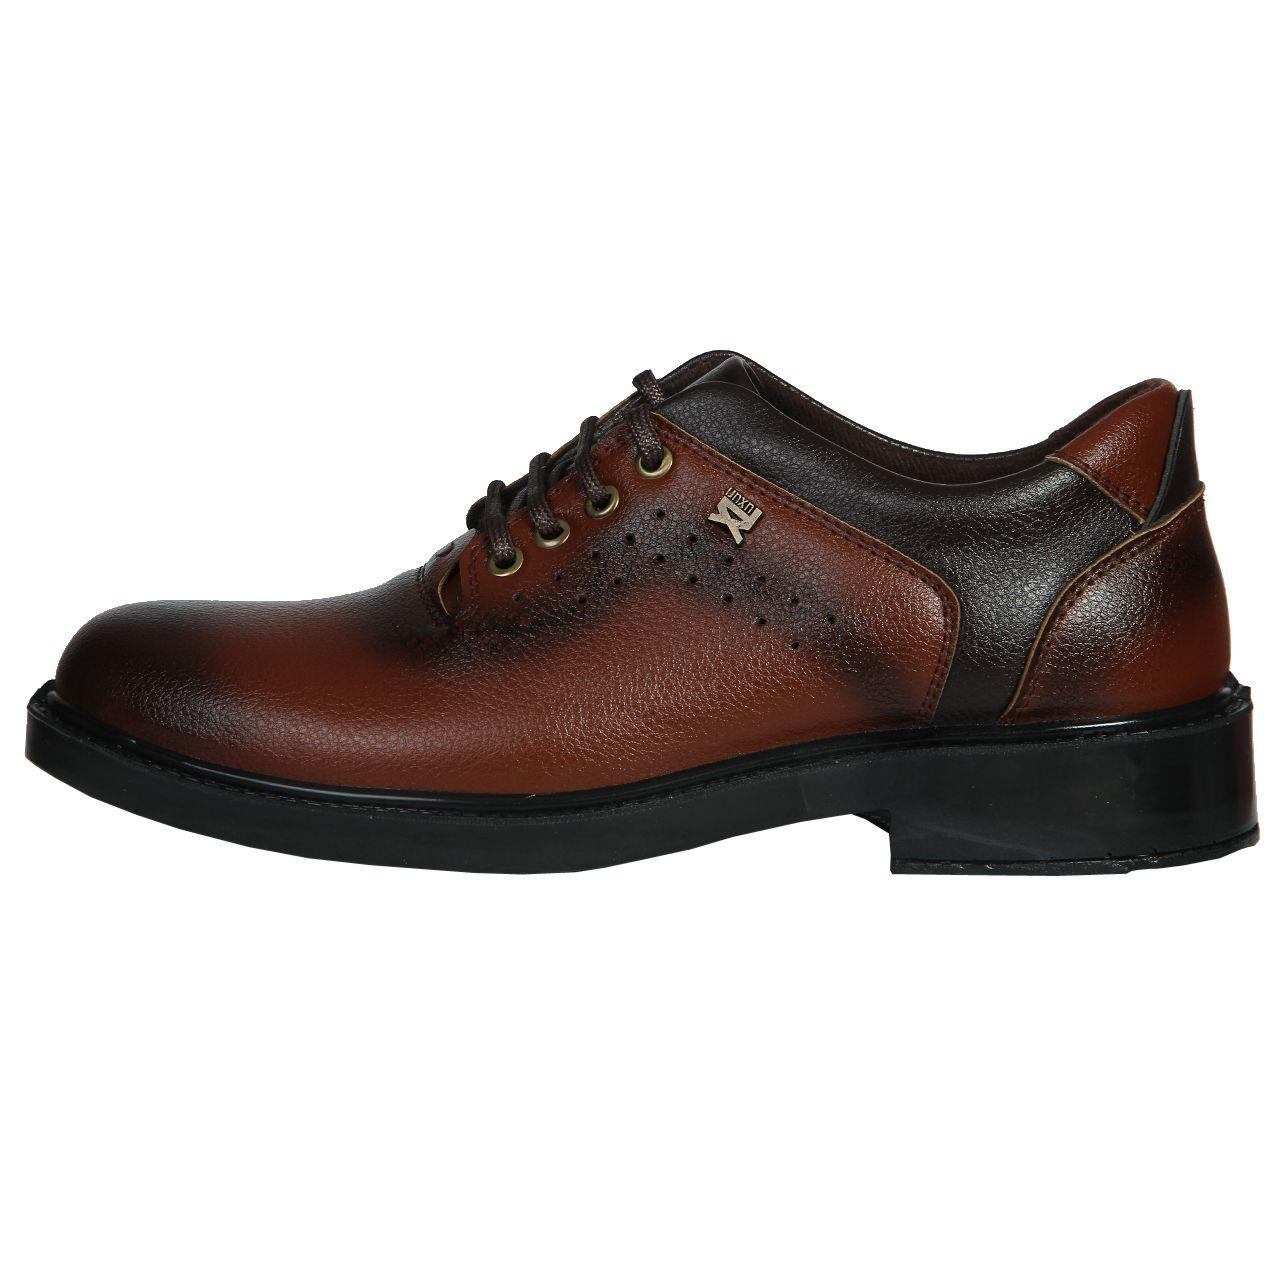 کفش مردانه کد 88 -  - 2